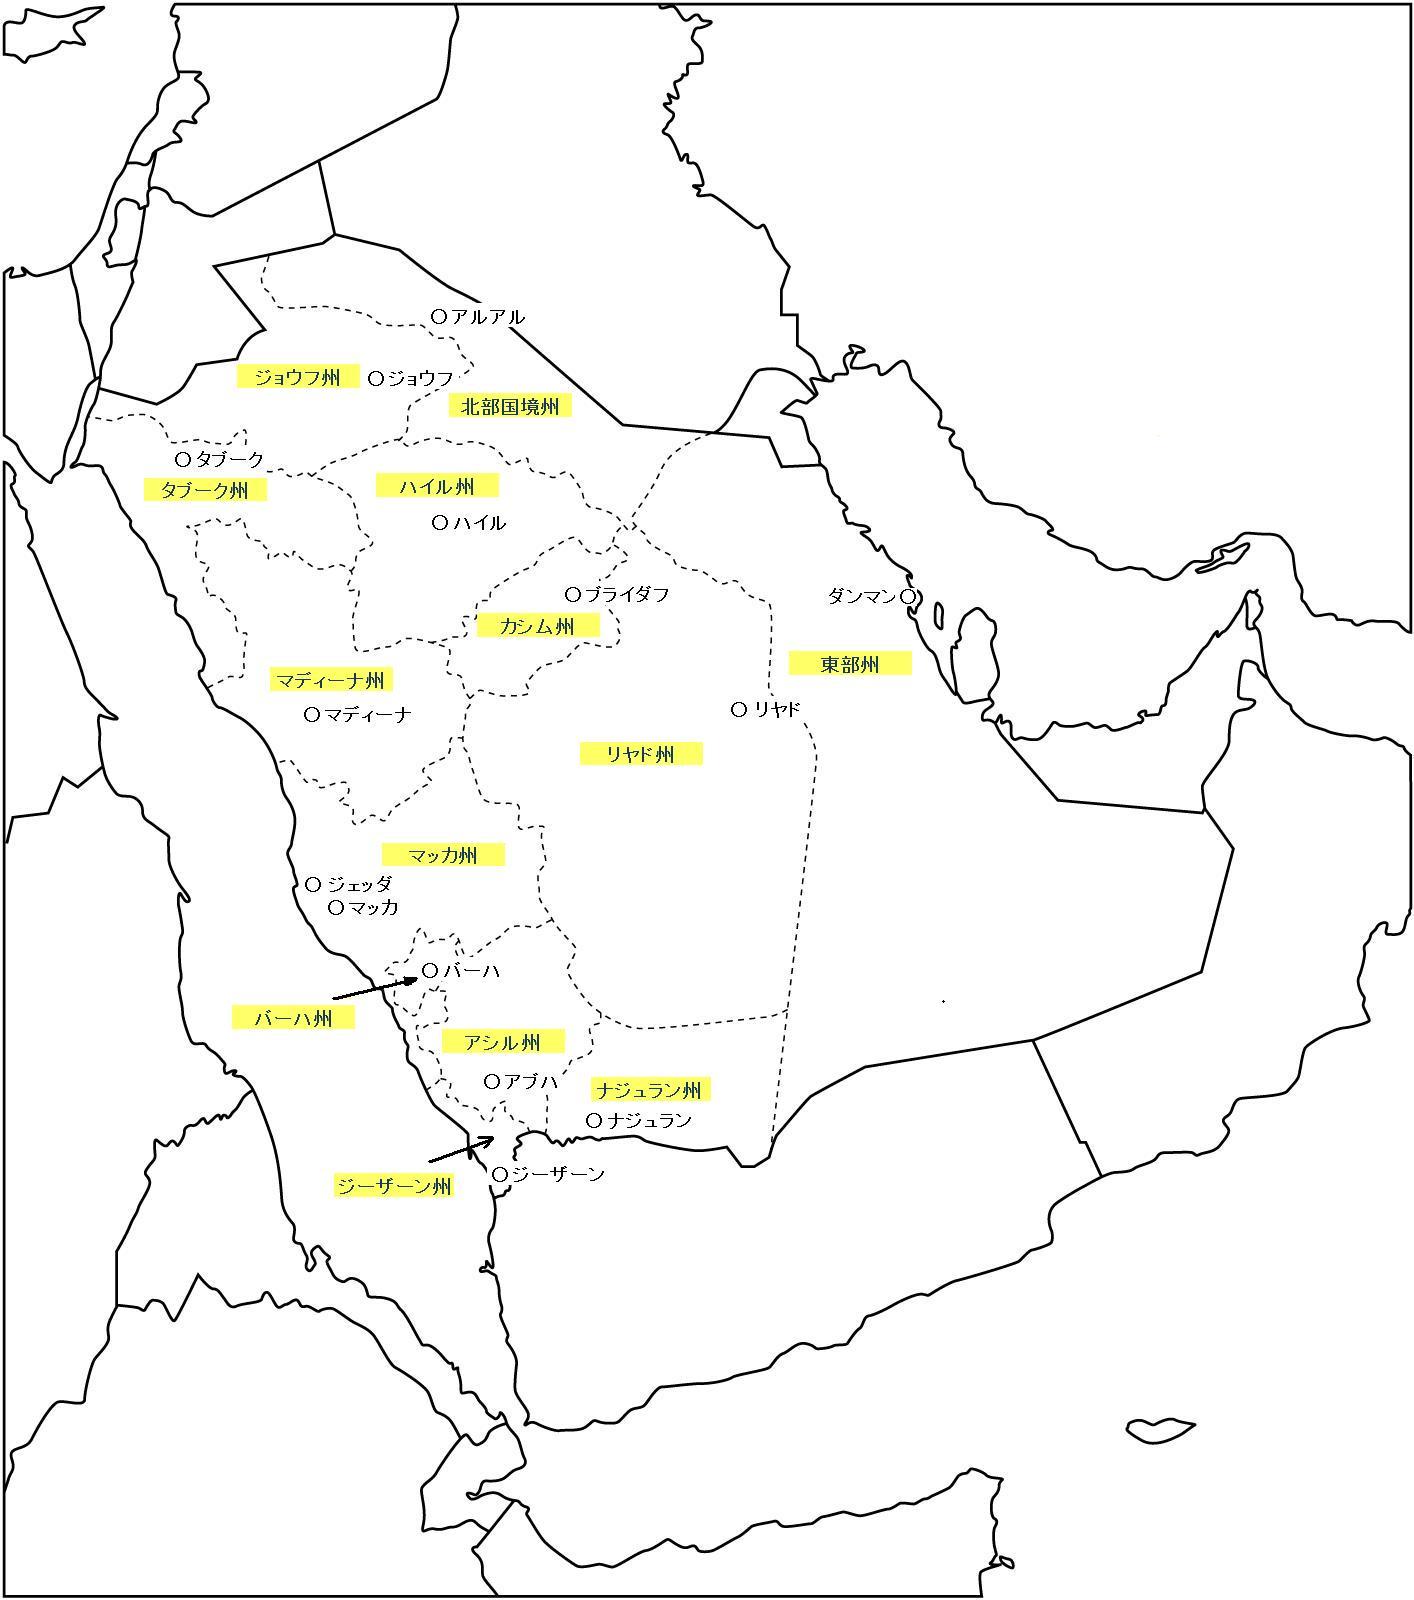 州名入り地図